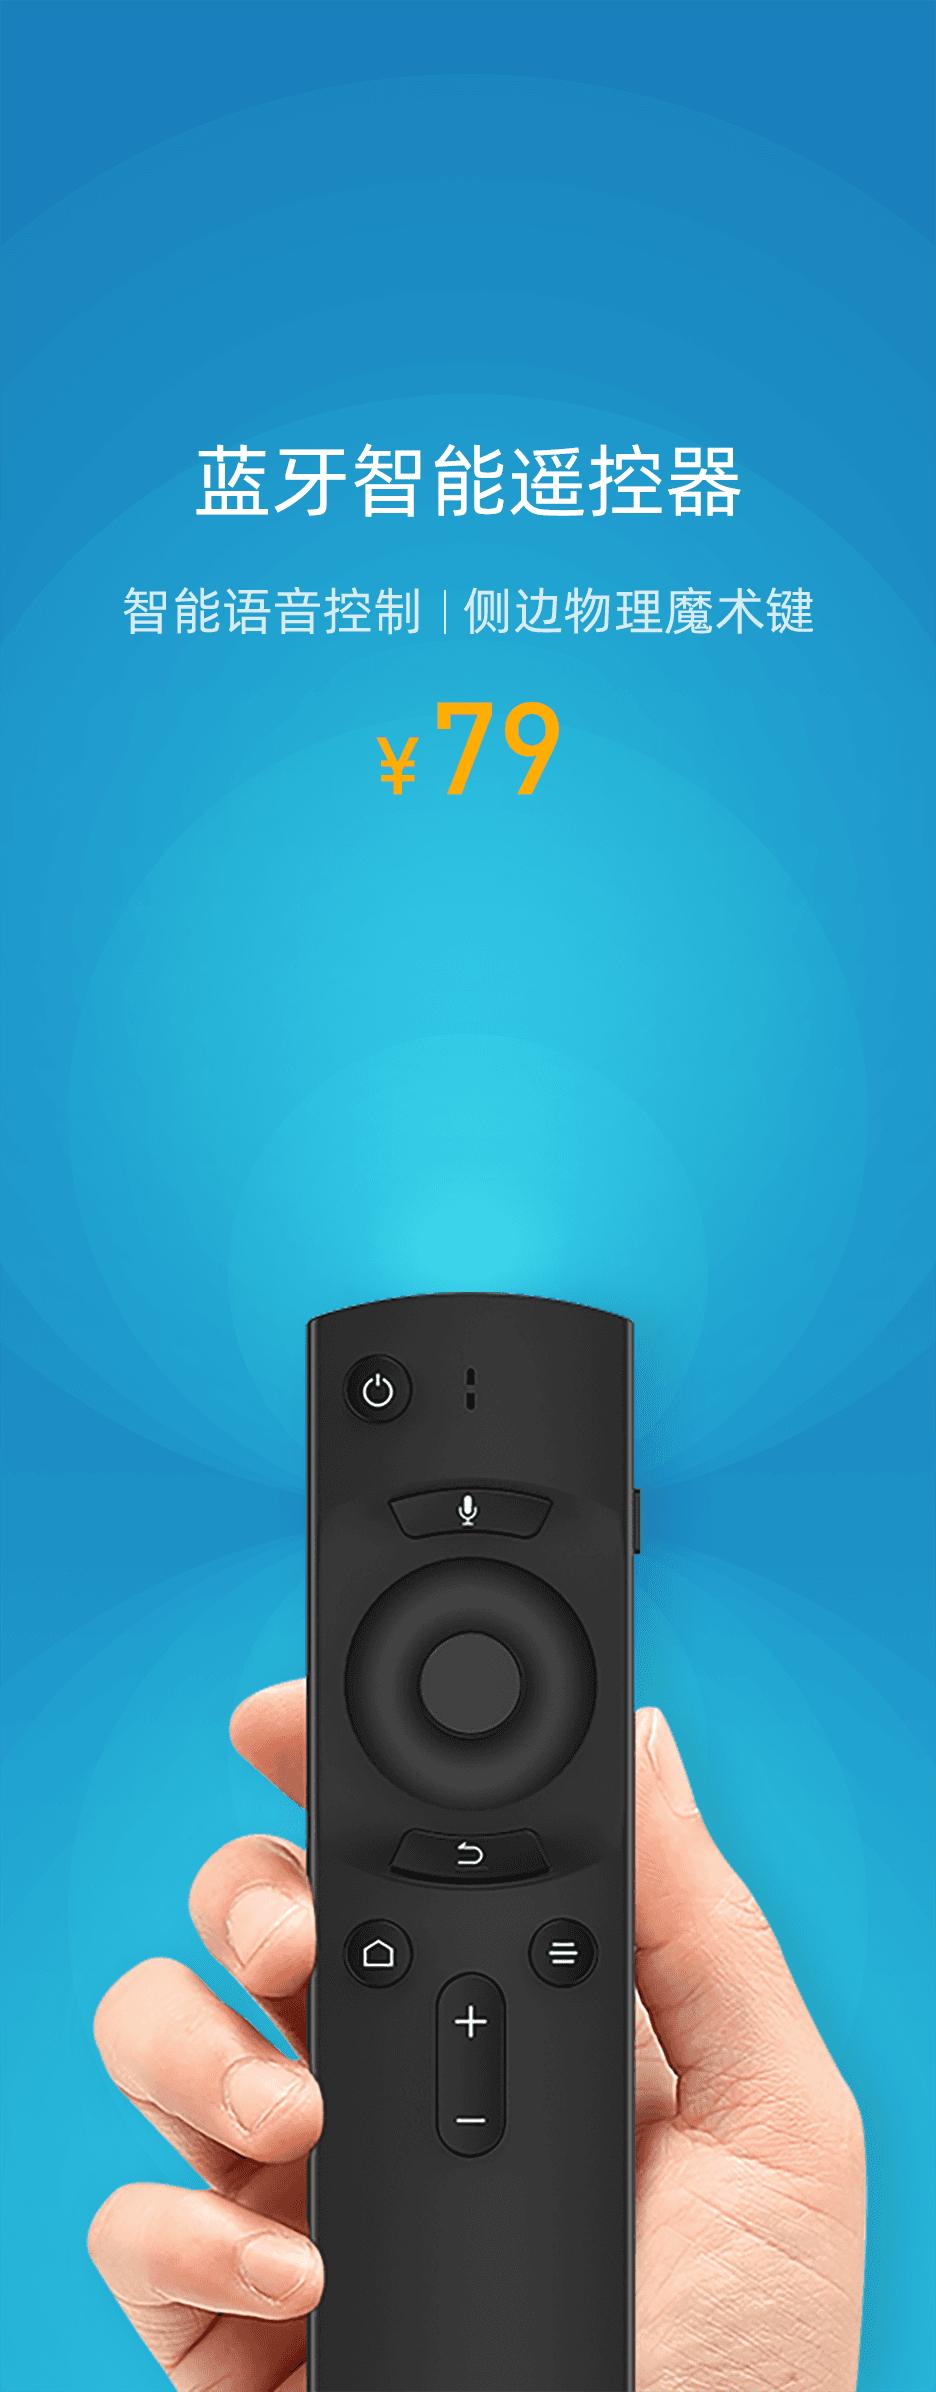 蓝牙智能遥控器